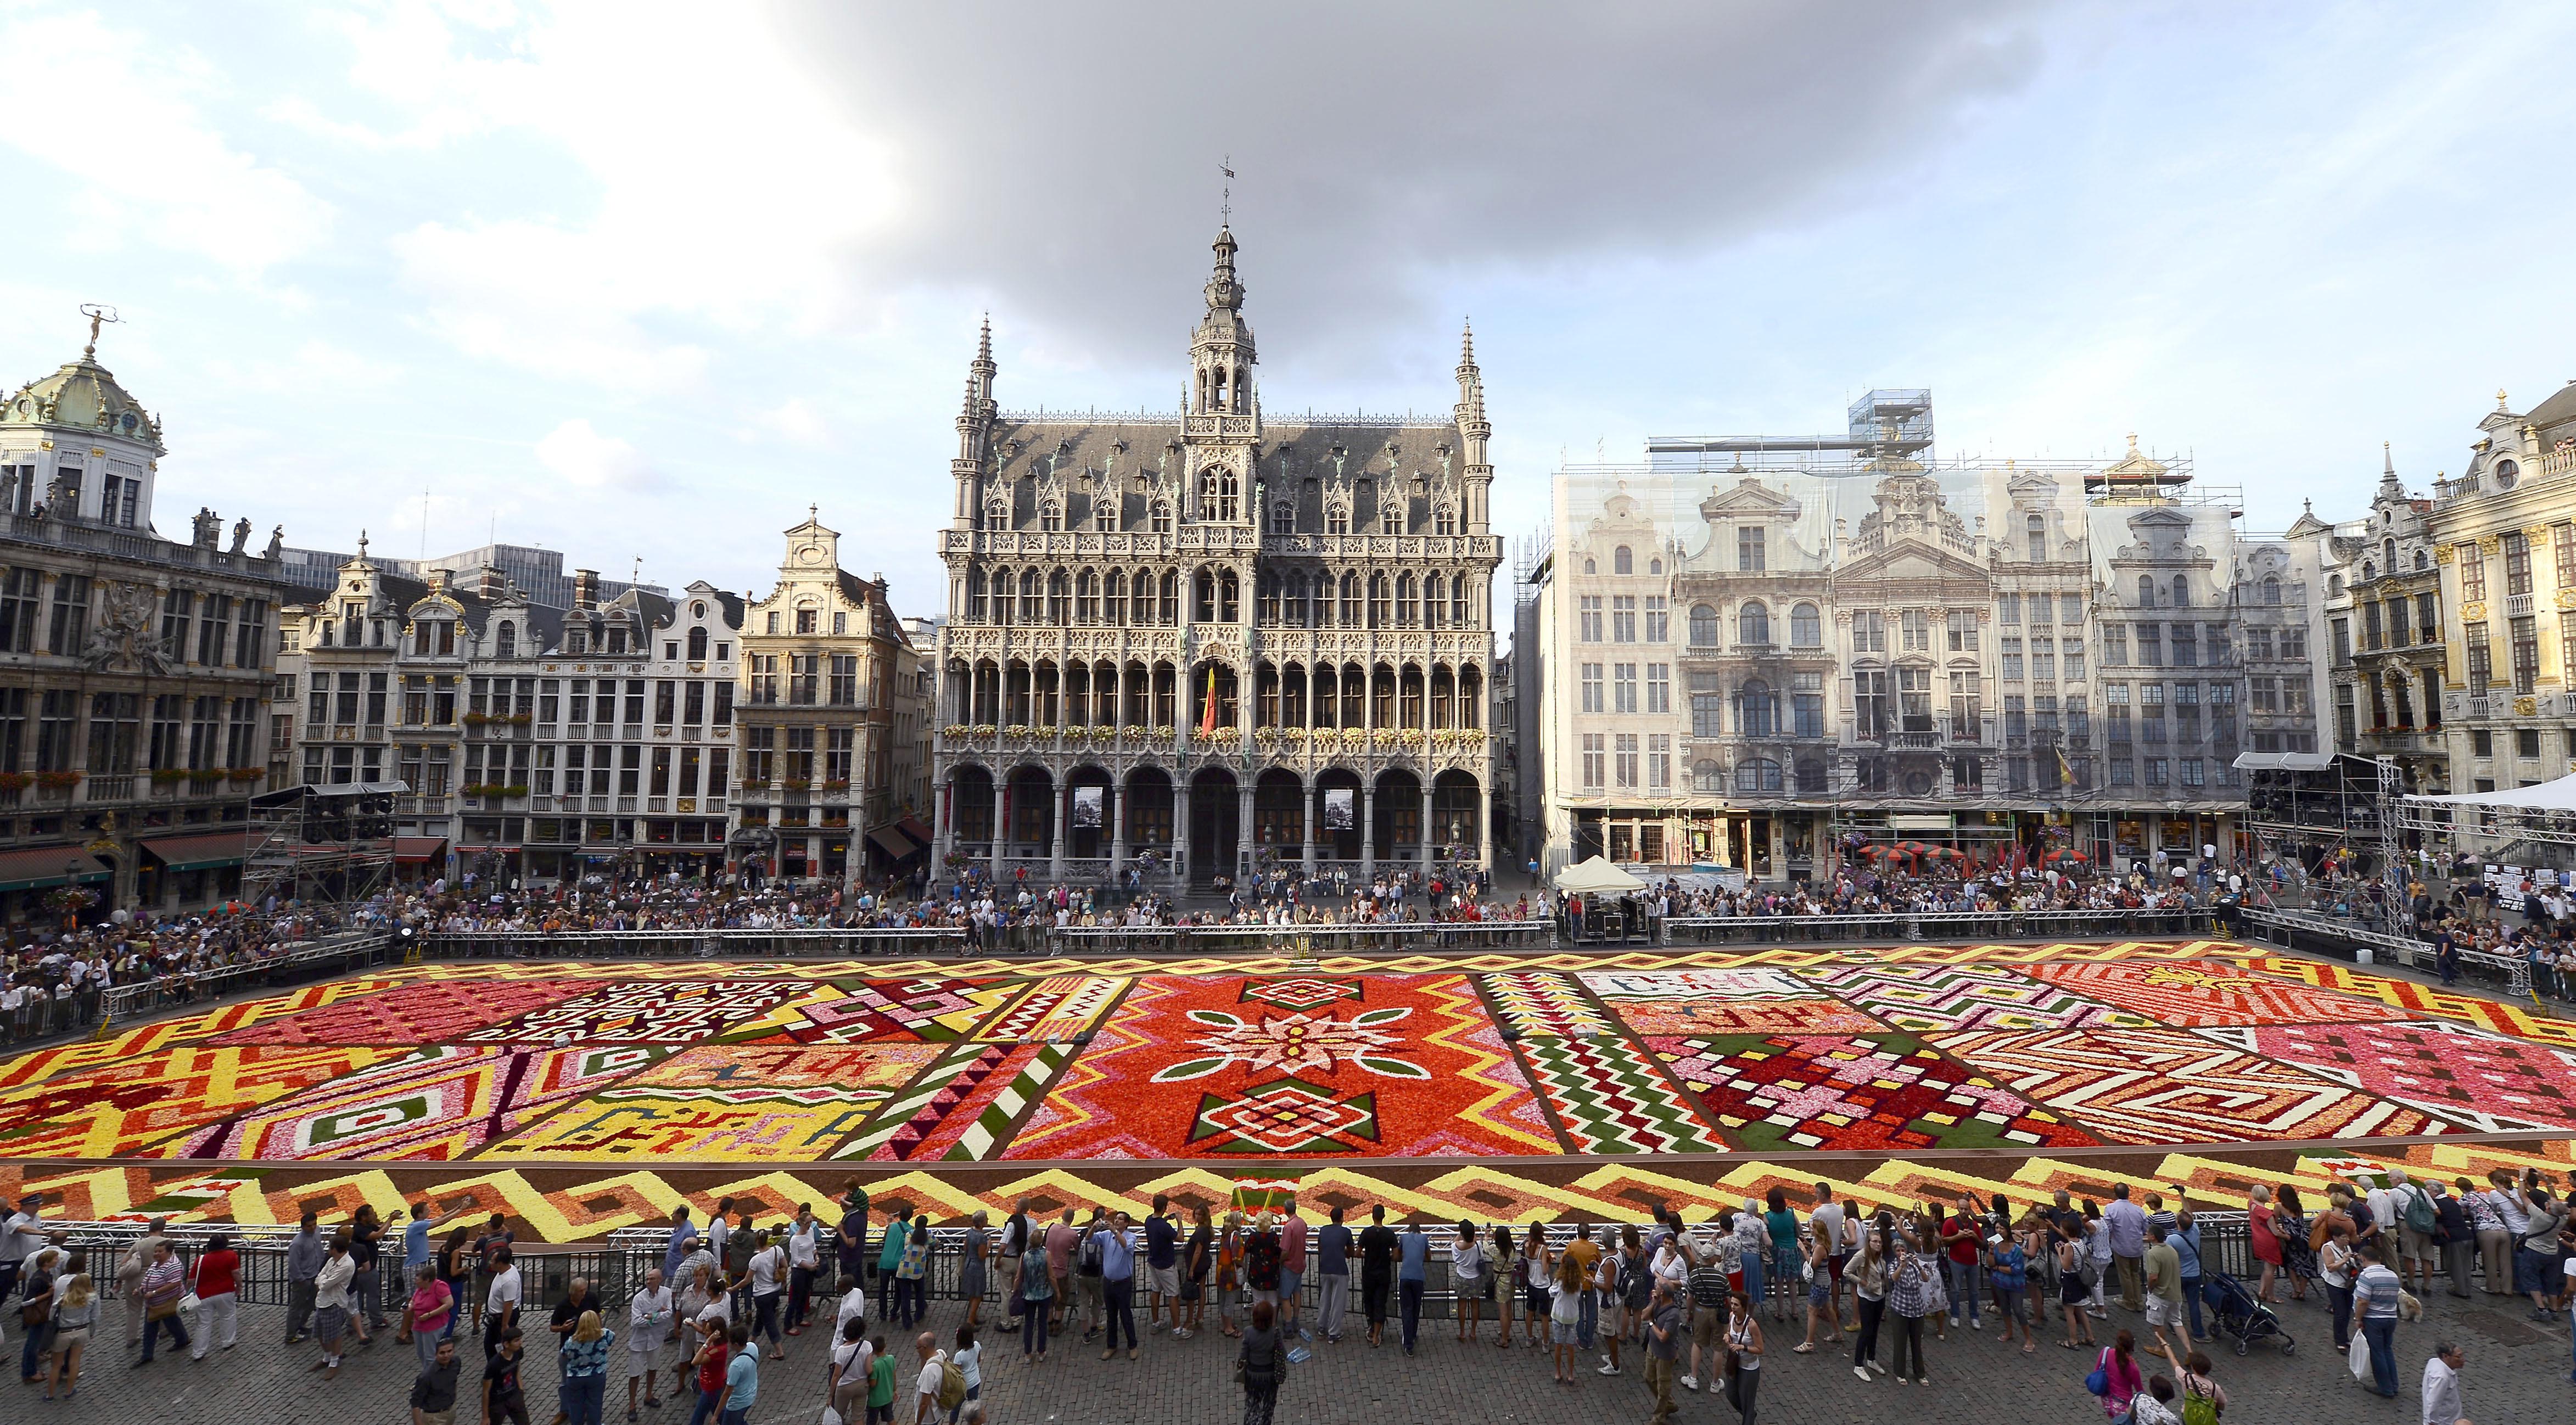 Tapis de fleurs 2012 de la Grand-Place à Bruxelles